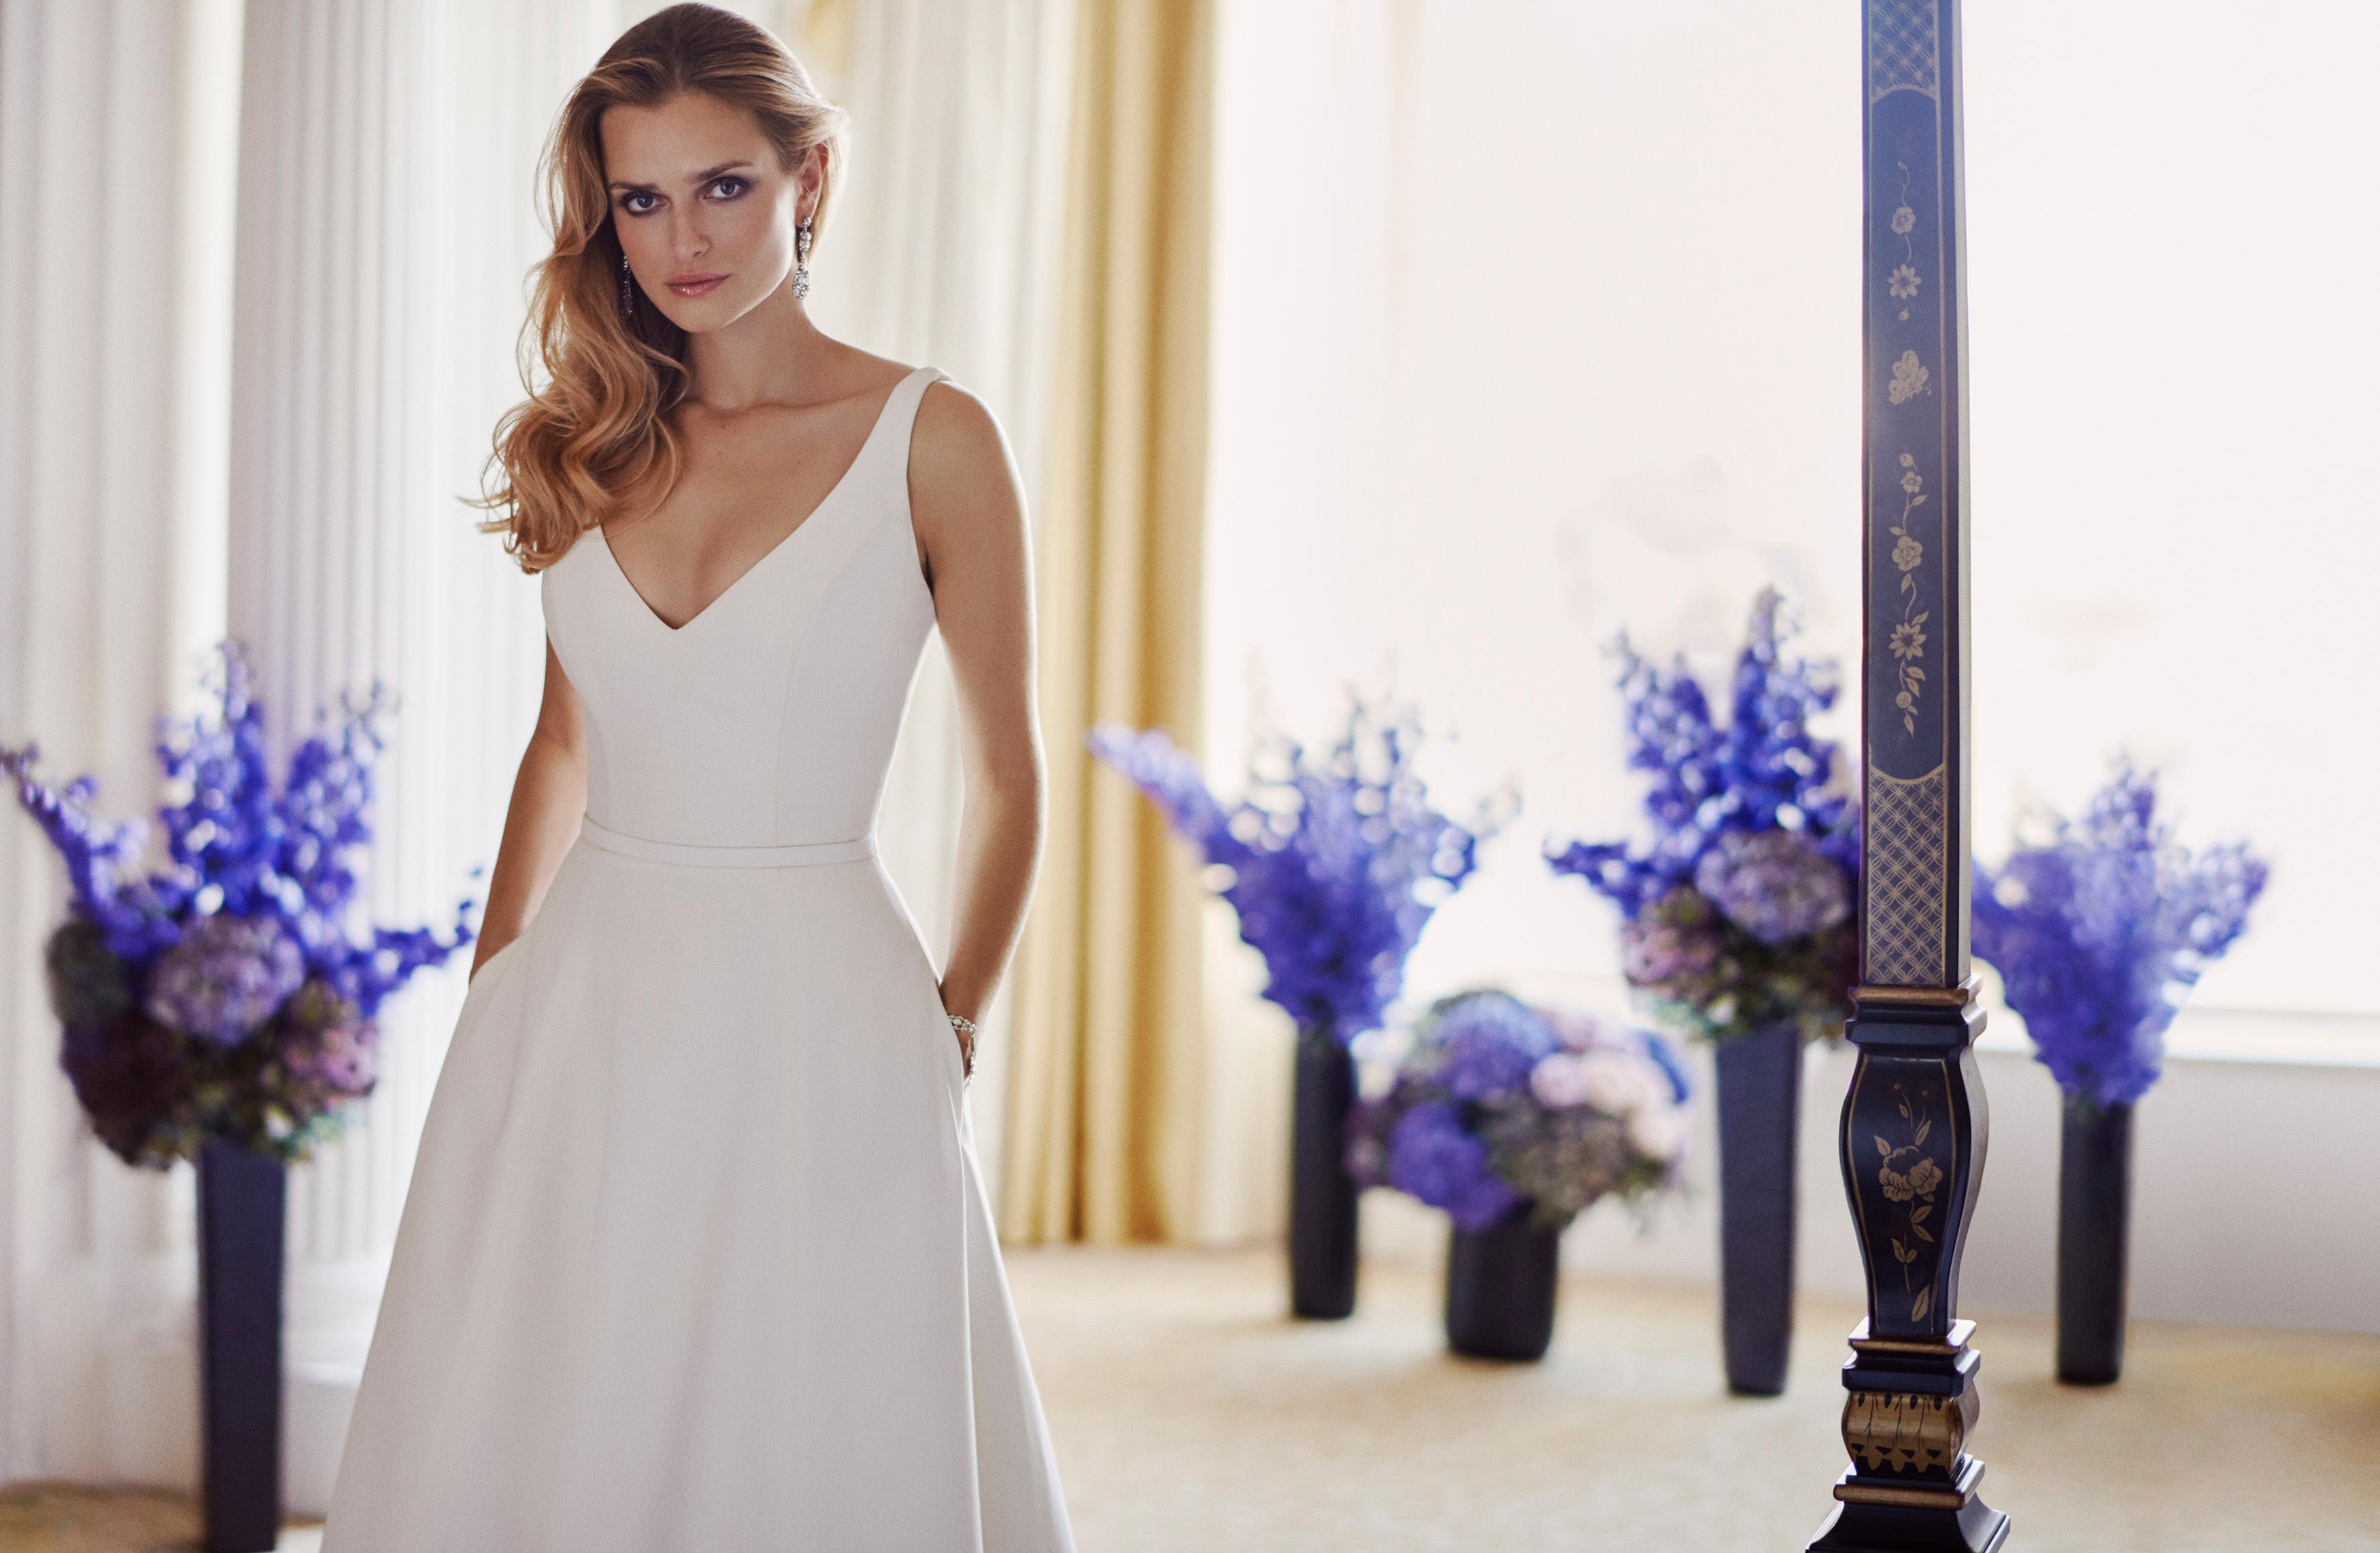 Lyla designer wedding gowns by Caroline Castigliano